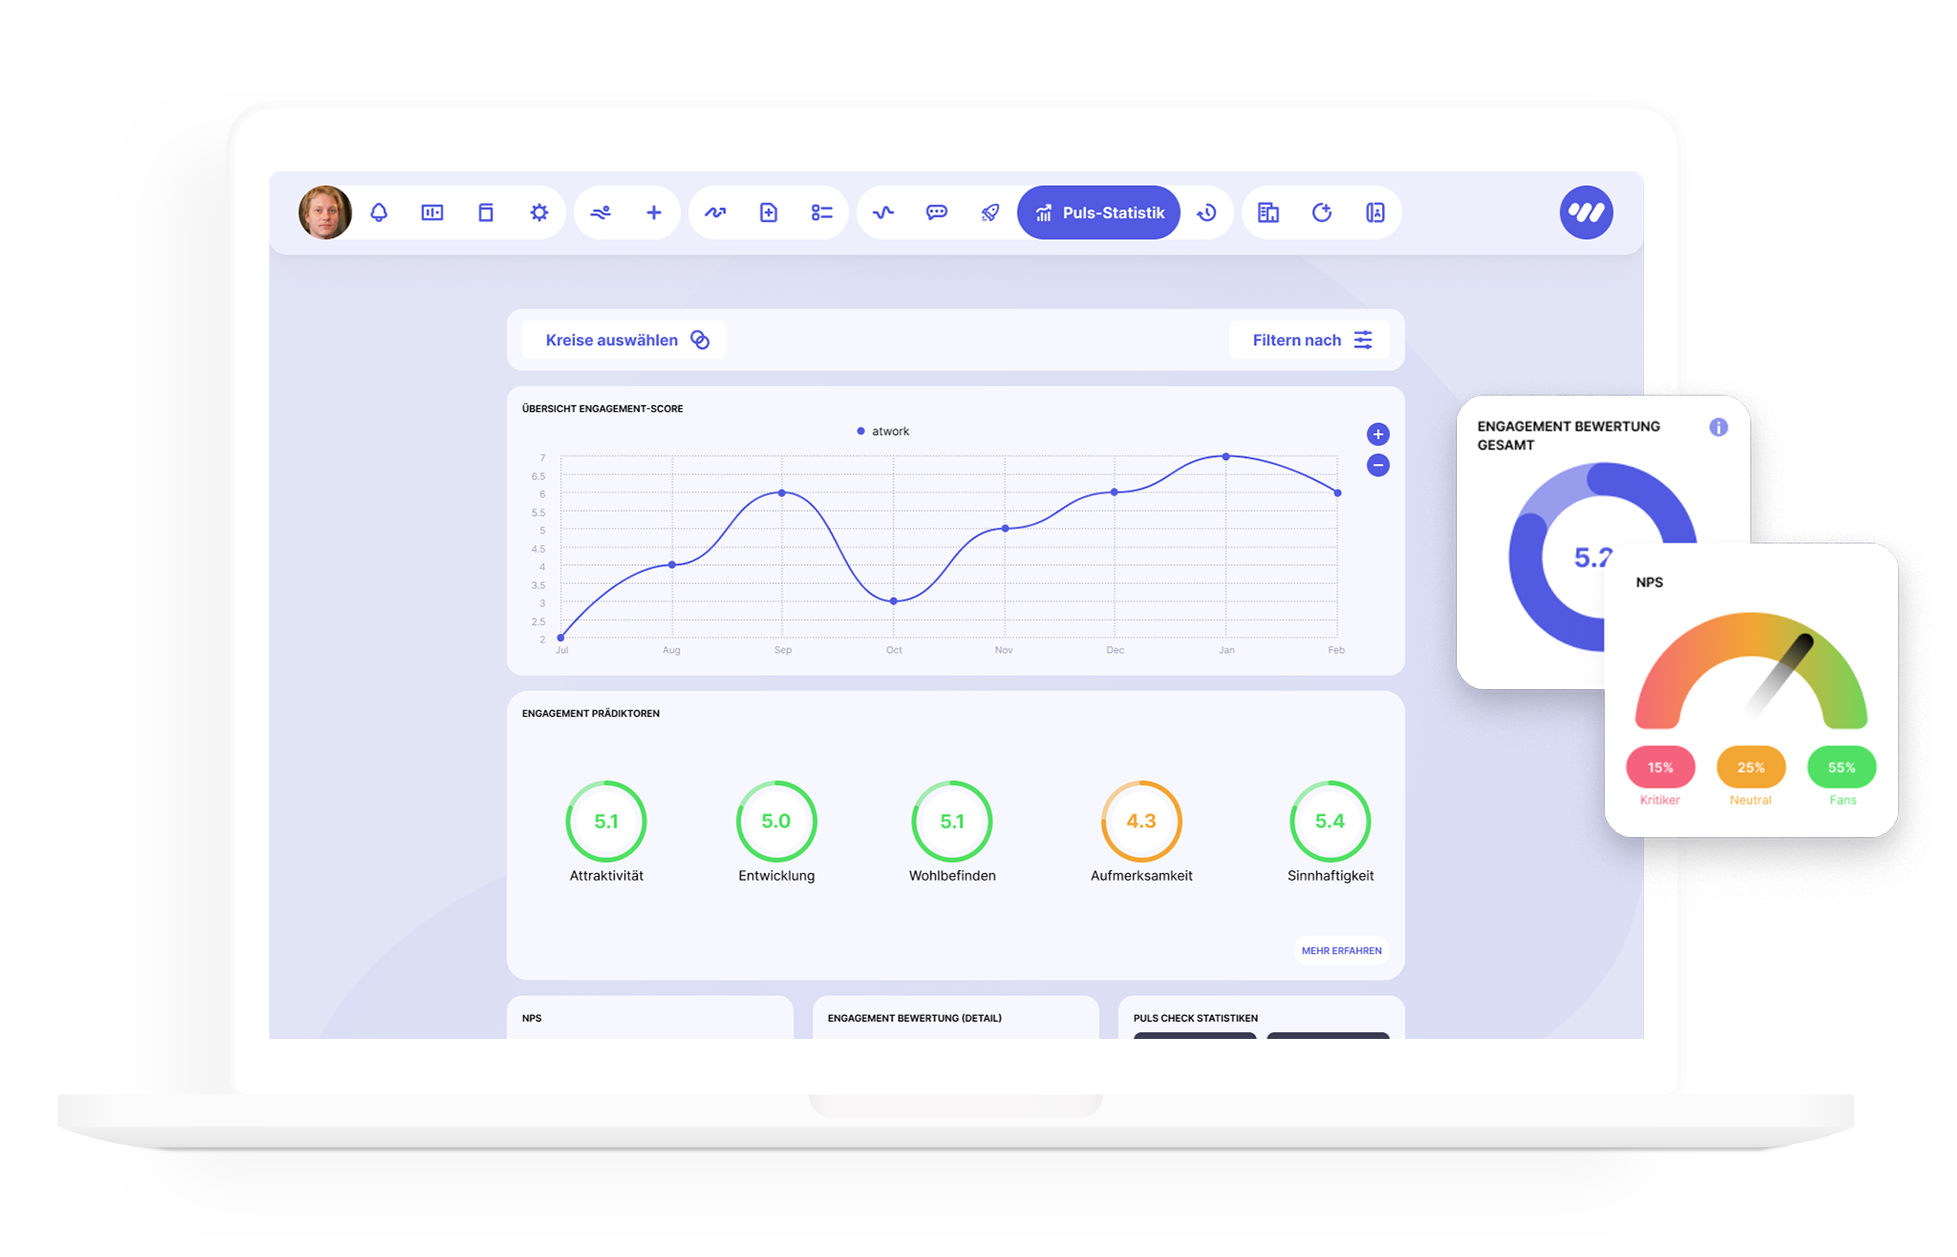 Echtzeit-Ergebnisse, Analysen und Reports im Dashboard der atwork Suite.